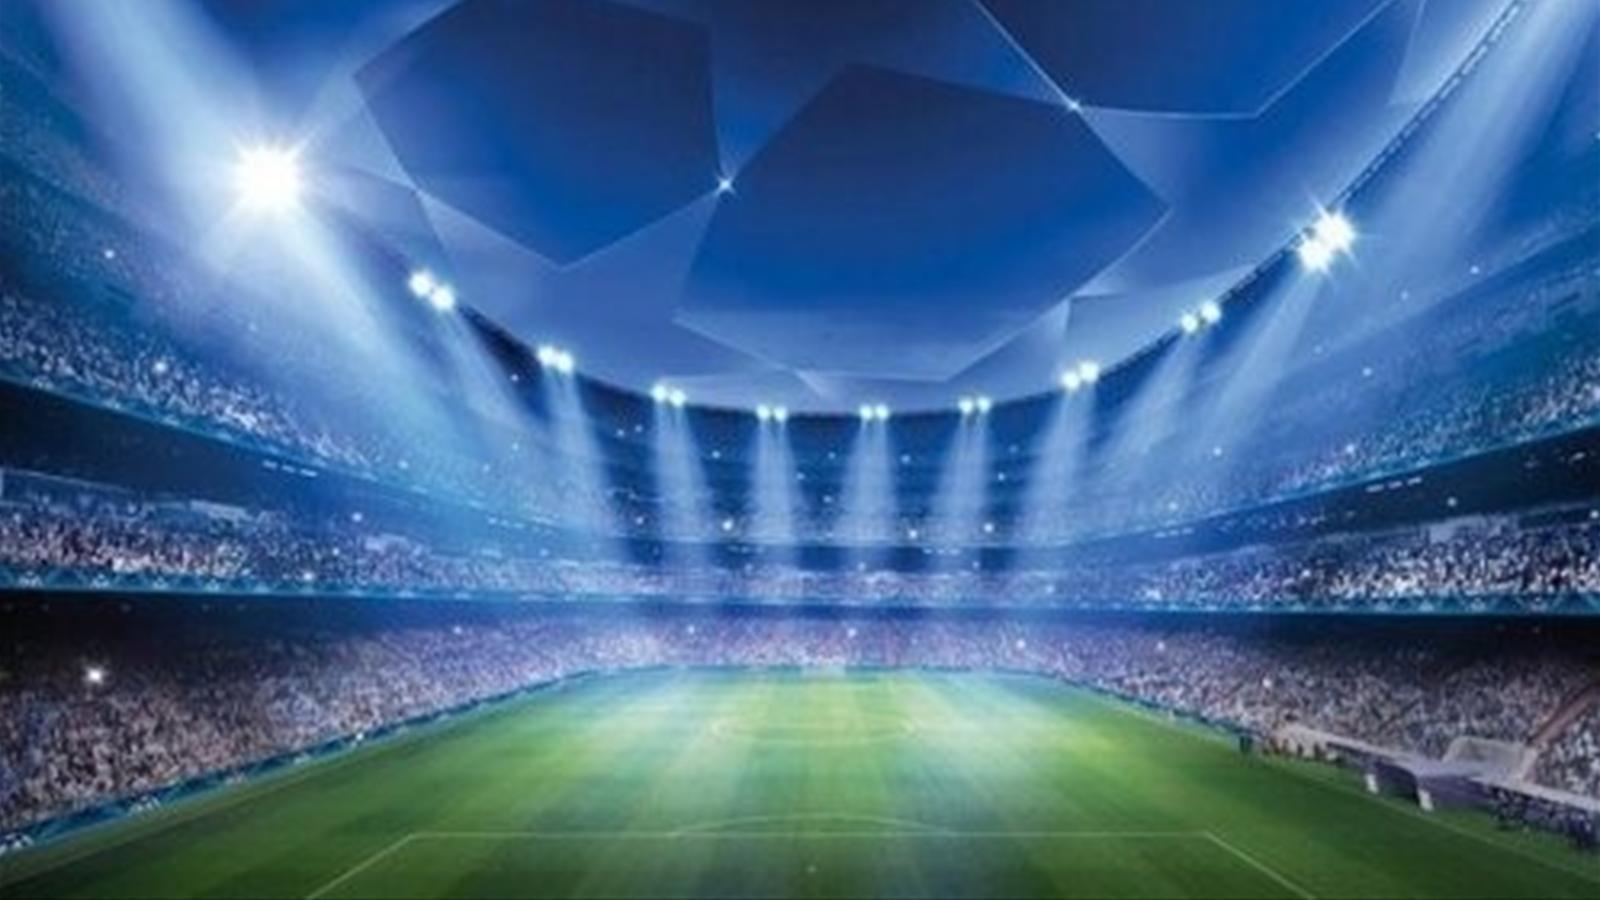 В Америке решили создать аналог европейской Лиги чемпионов